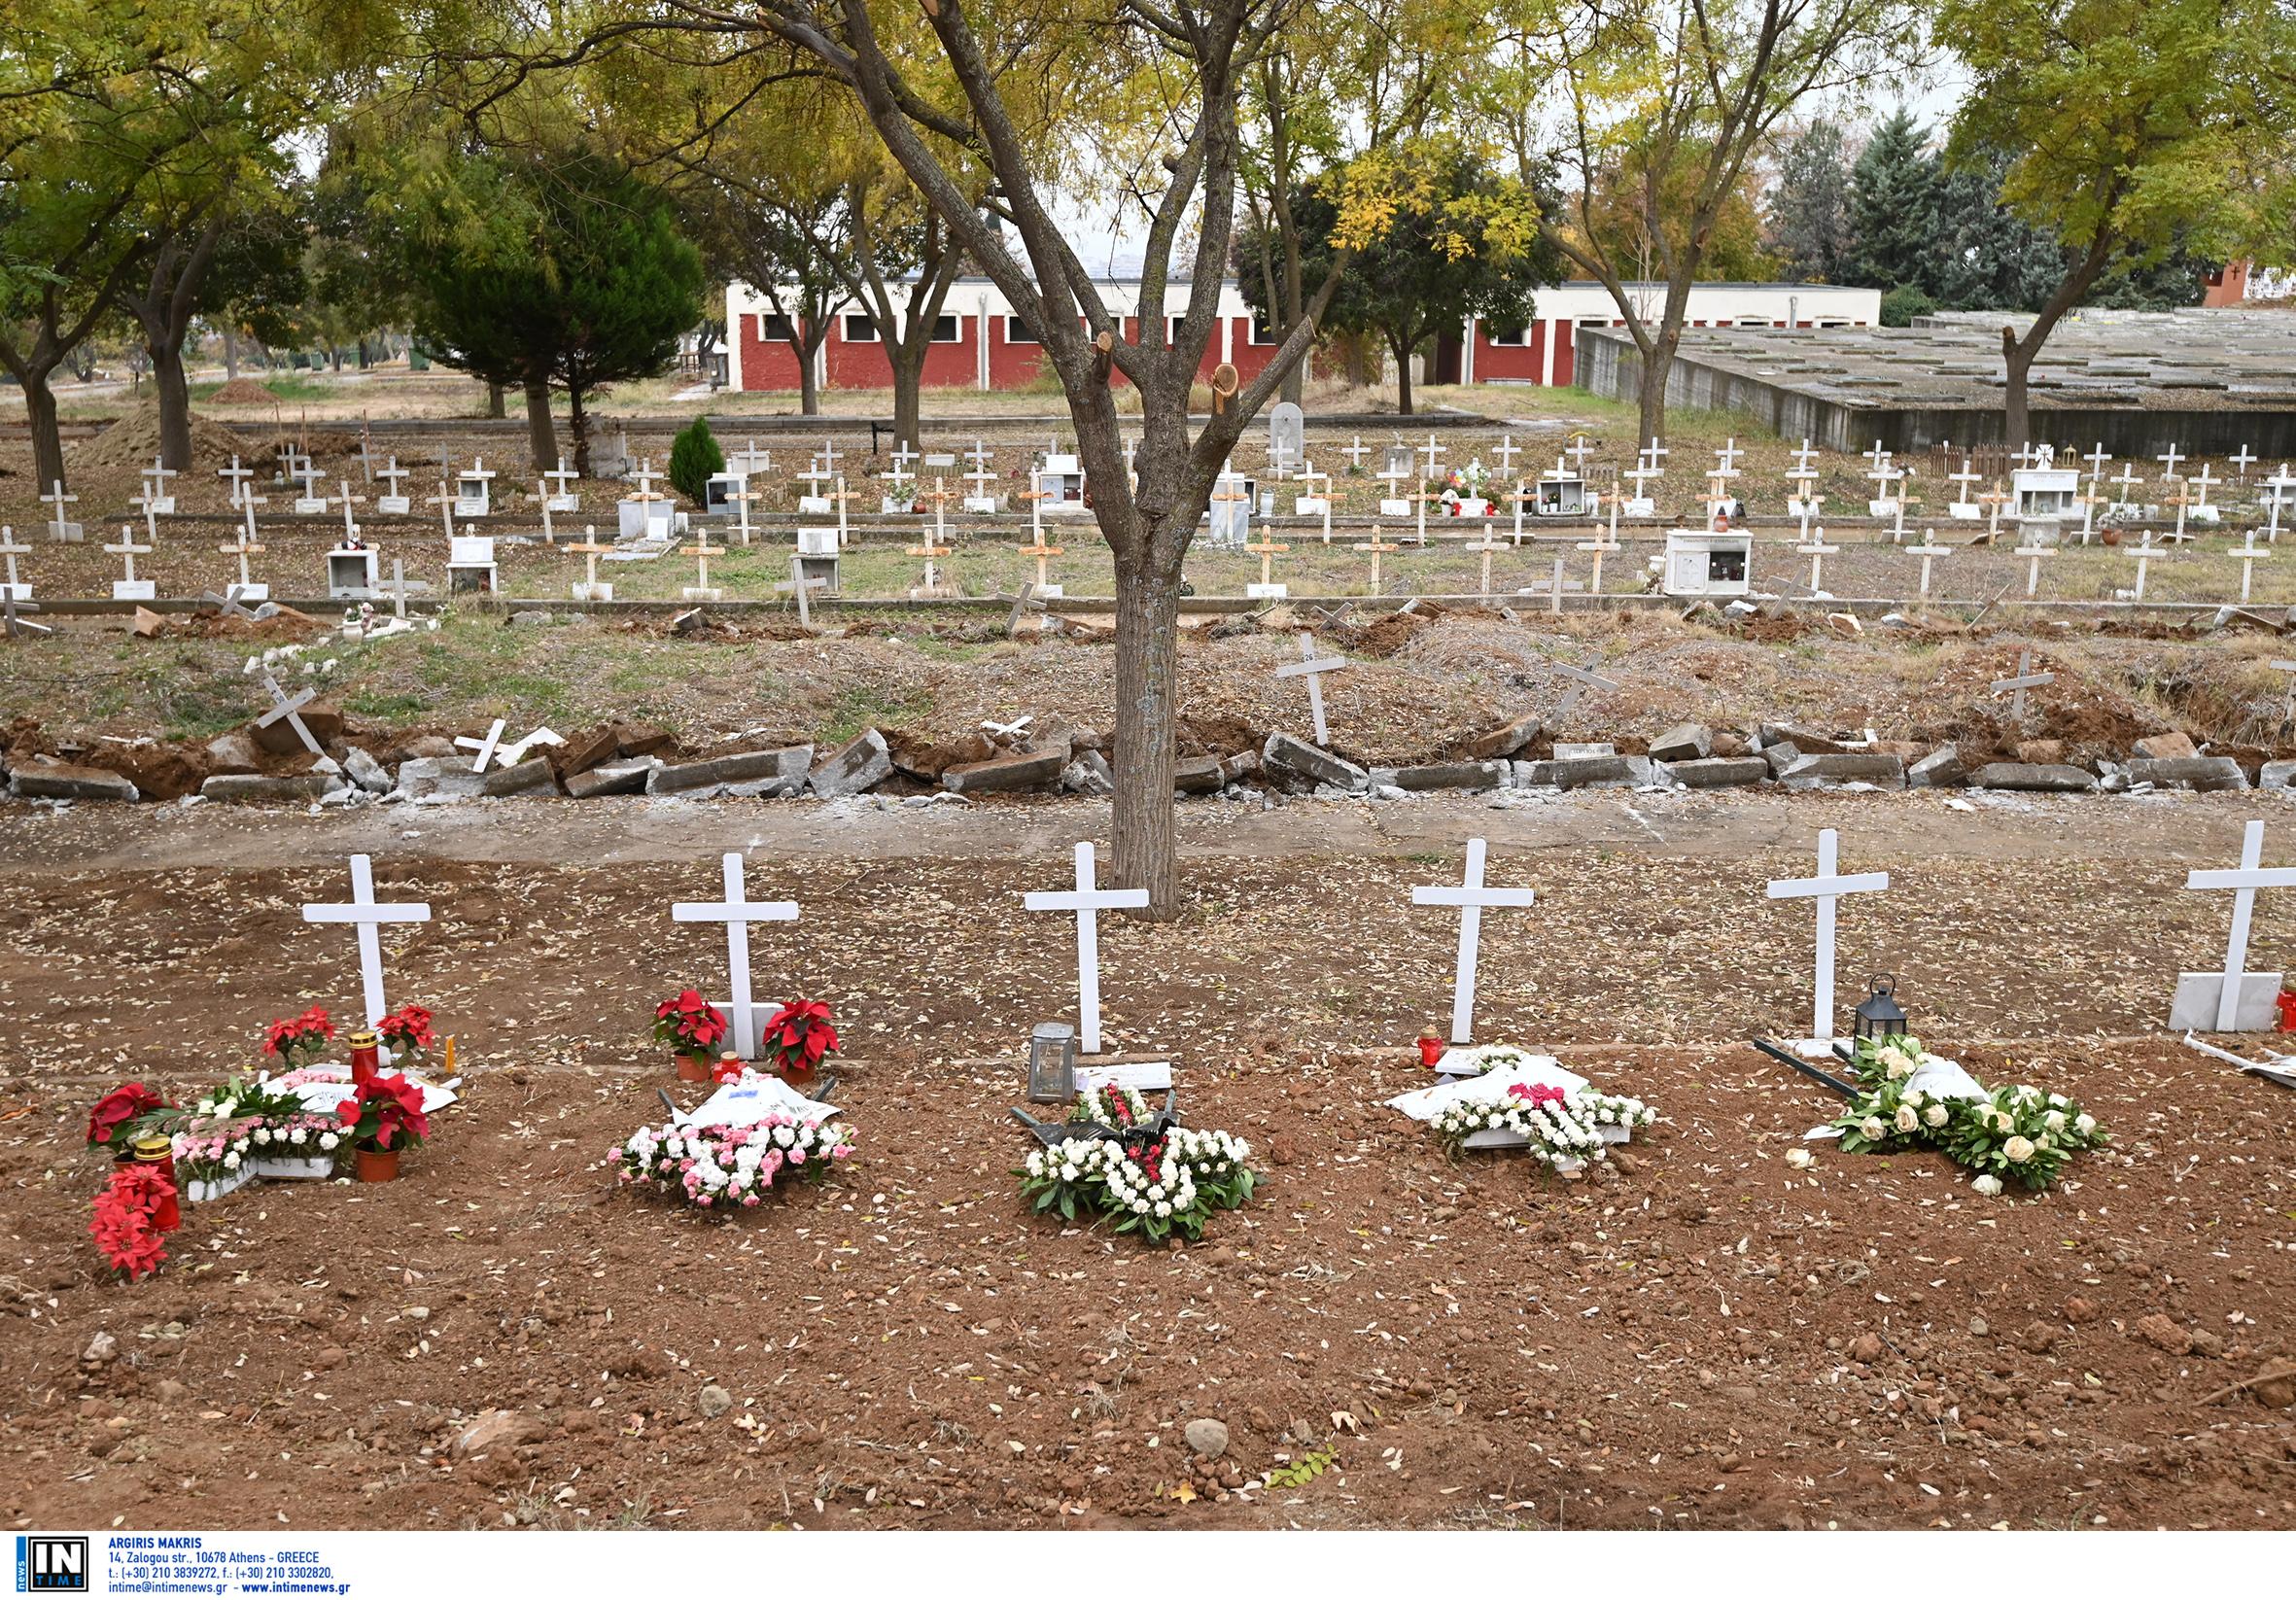 Κορονοϊός: Επιδημία νεκροτομών – Συγγενείς δεν πιστεύουν ότι τα θύματα πέθαναν από την πανδημία